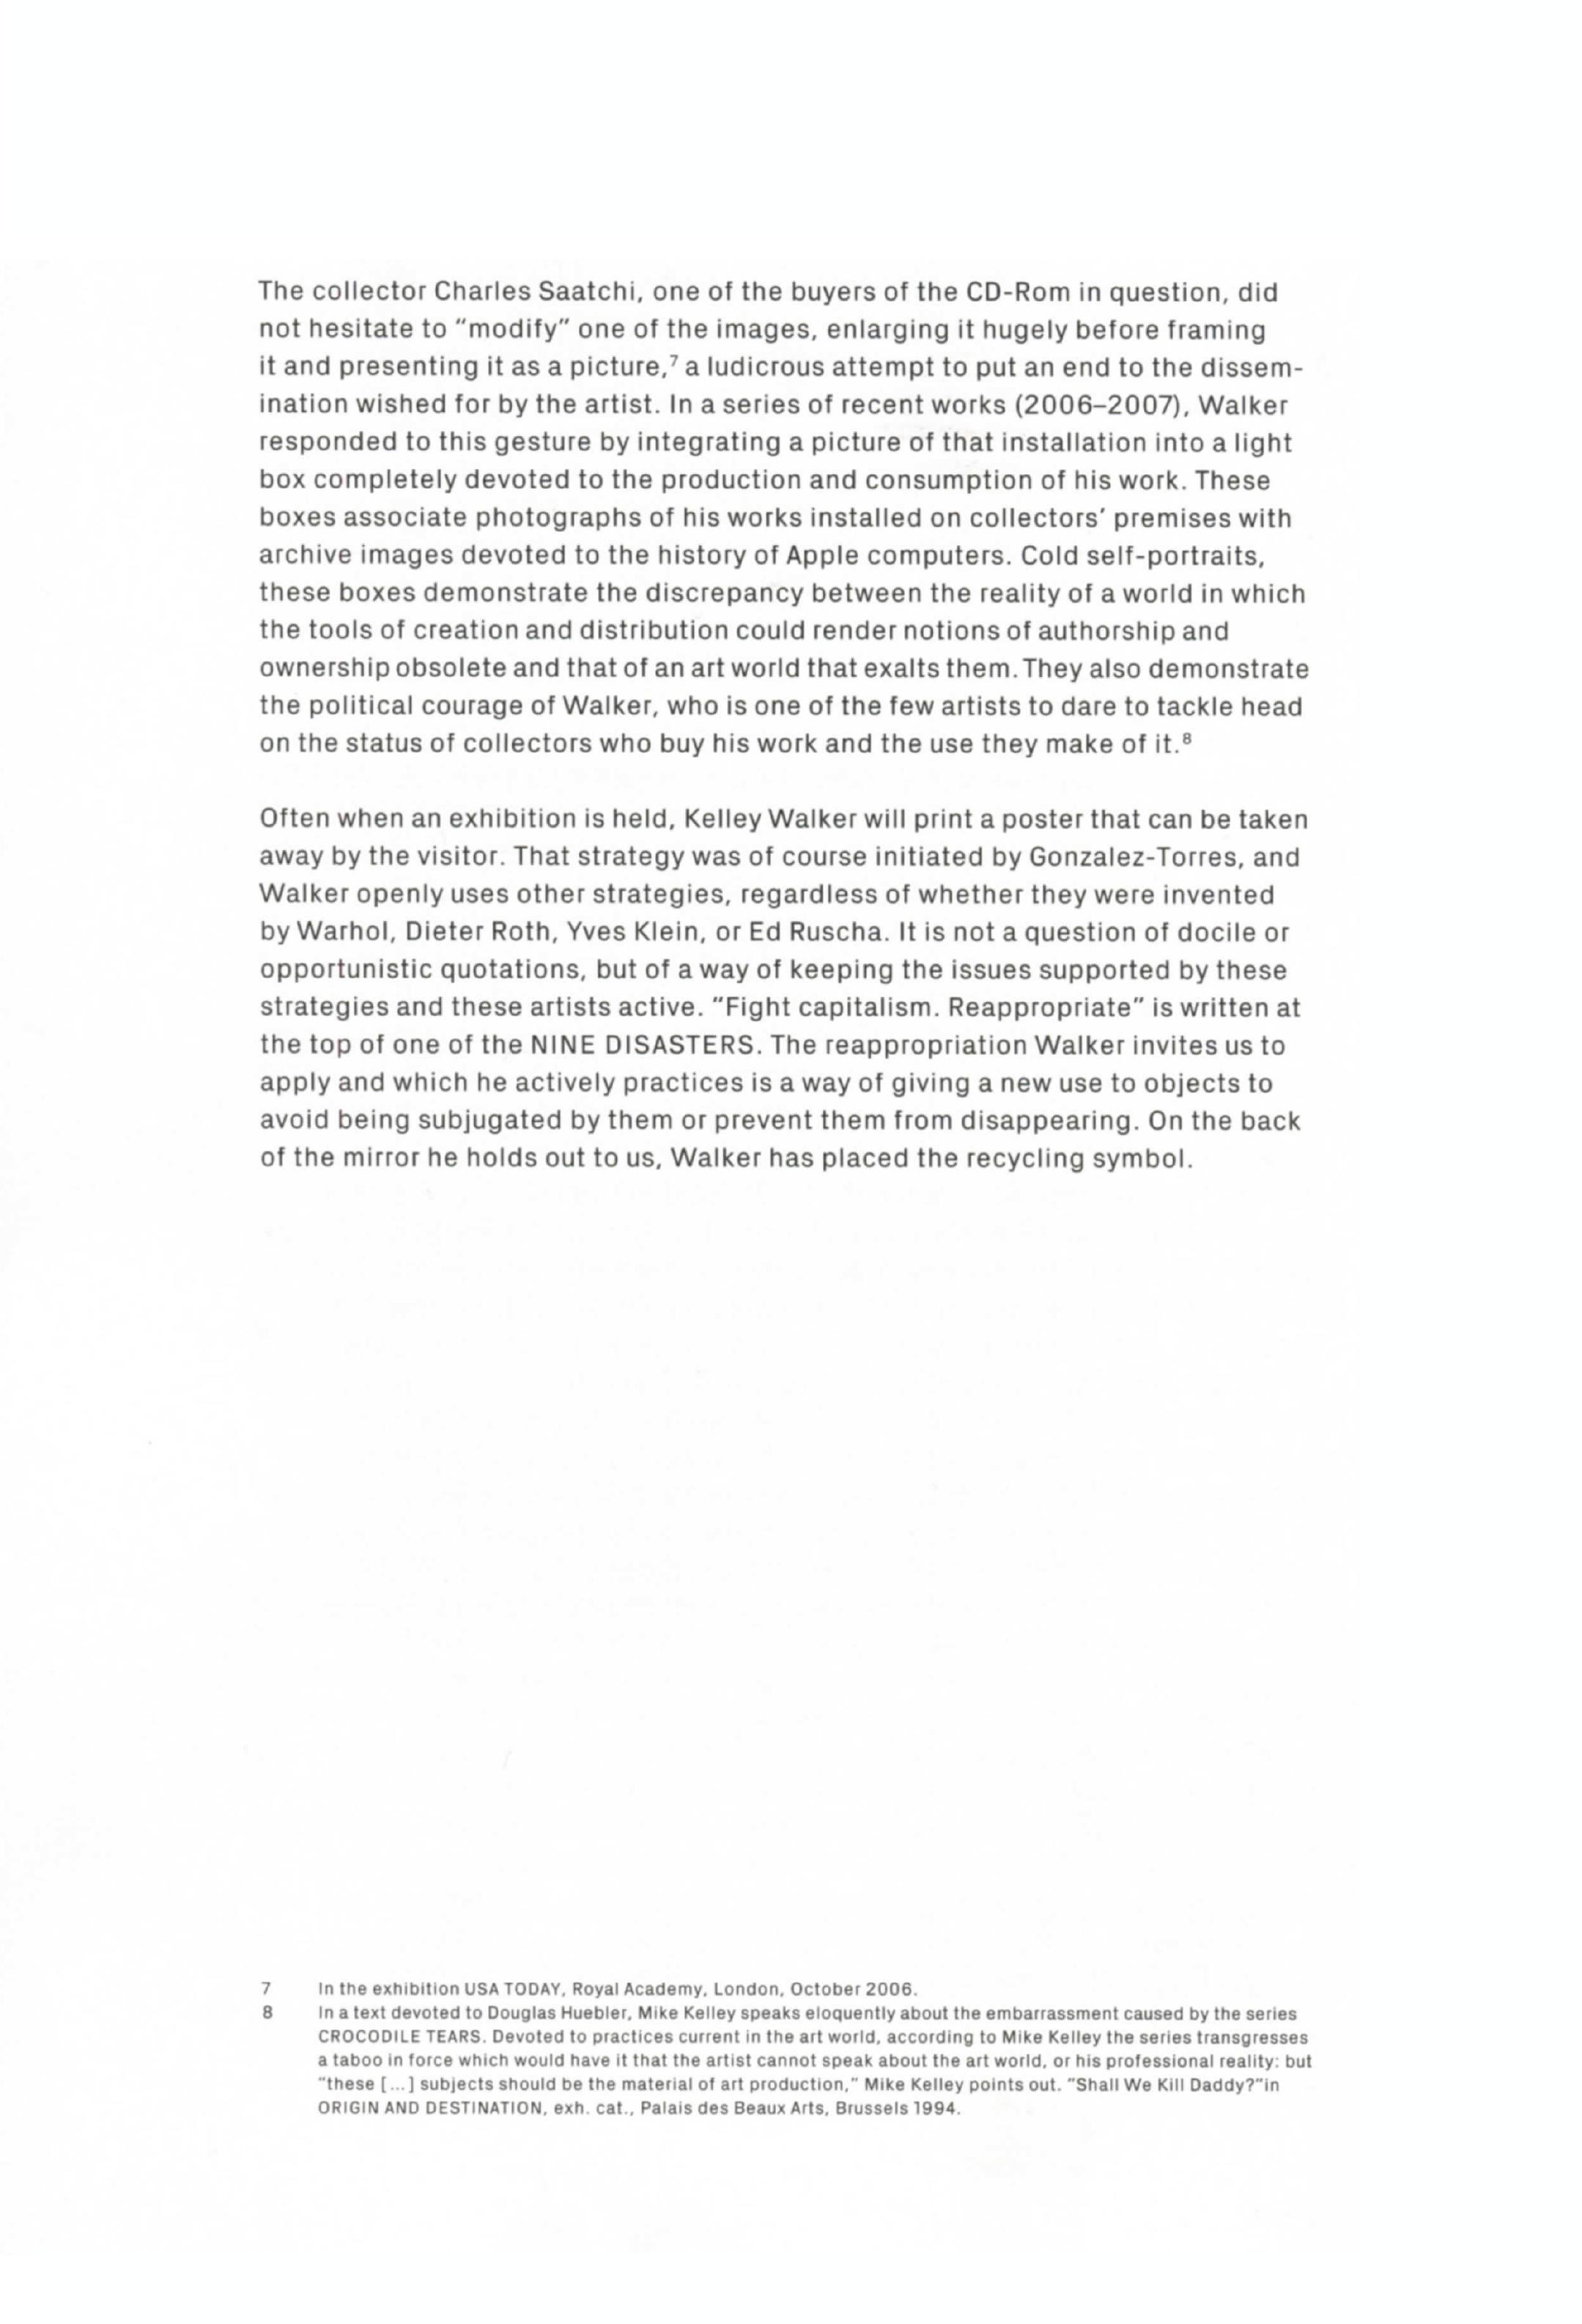 """Anne Pontégnie, """"Kelley Walker: The Possibility of Taking Action"""" in: Kelley Walker"""". Zürich: JRP Ringier, 2008, p.67-70."""